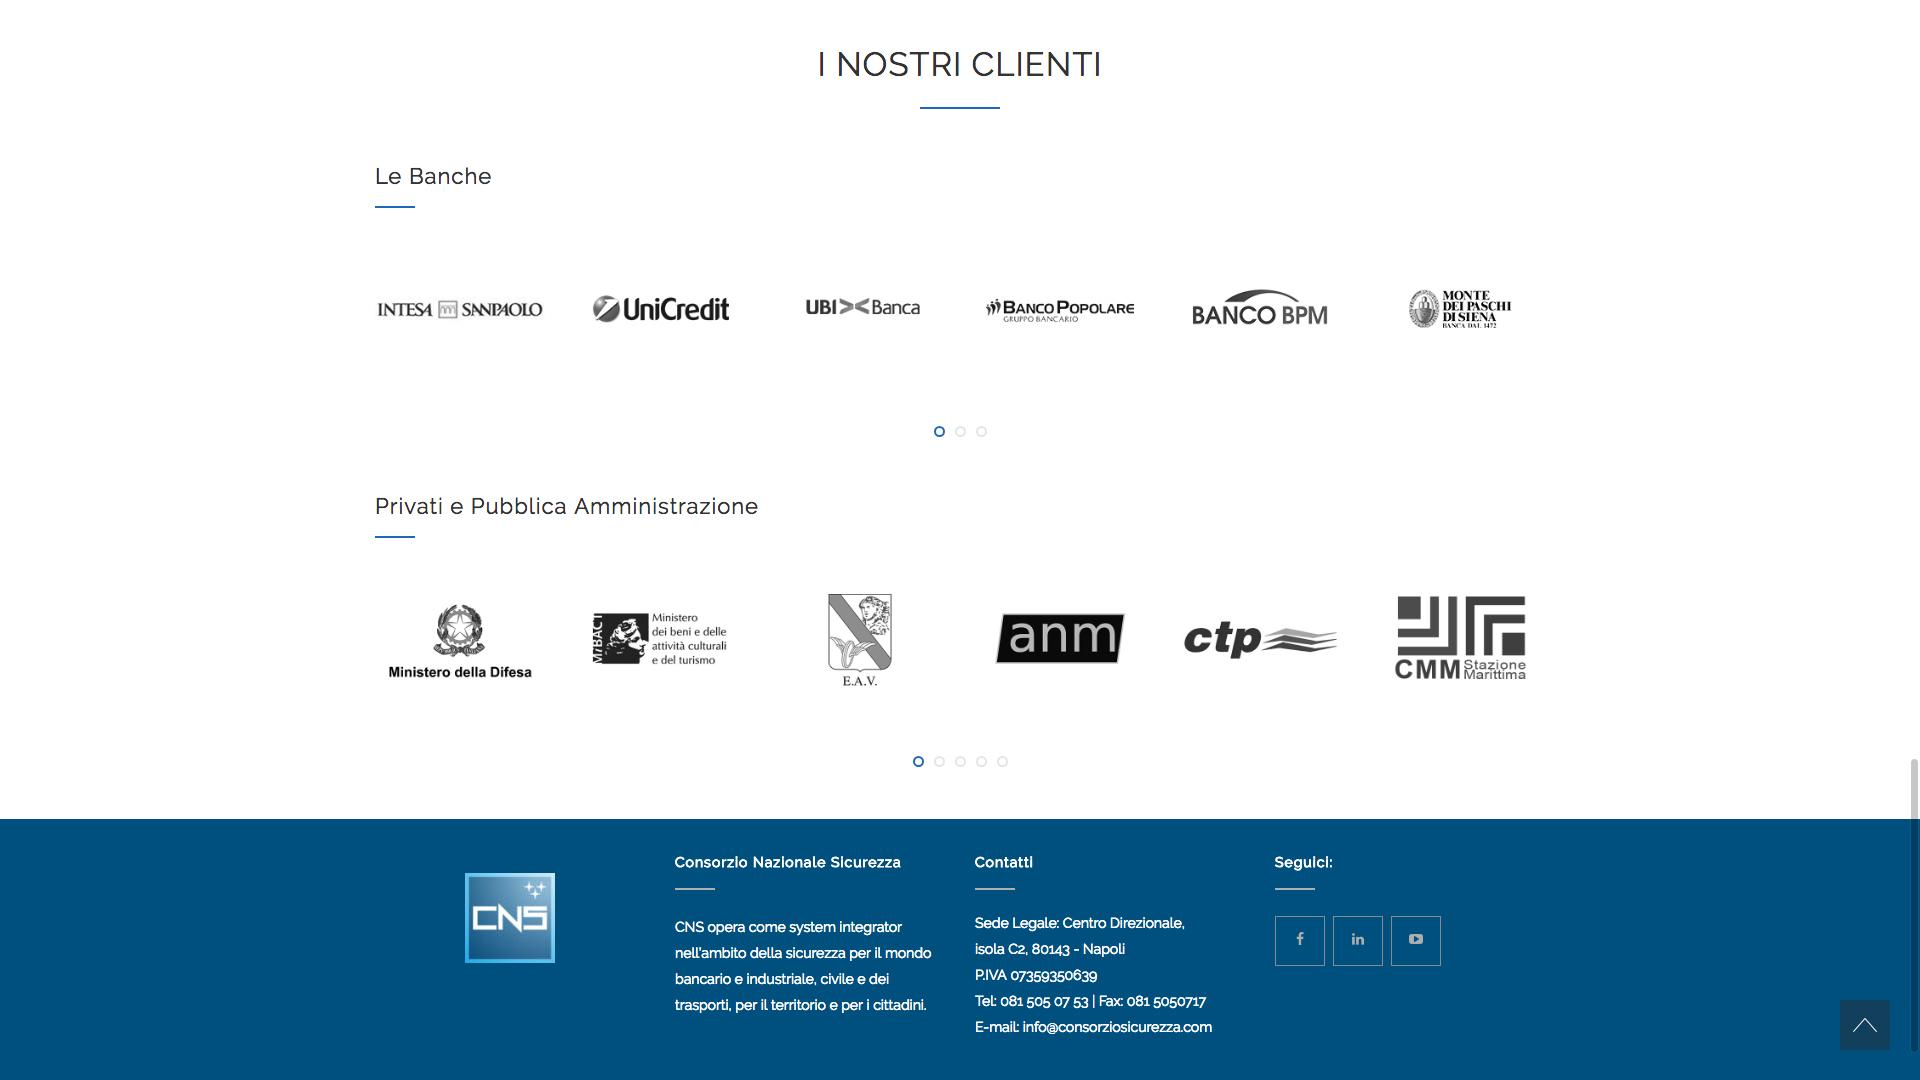 agenzia-comunicazione-napoli-roberto-guariglia-advertising-portfolio-work-industry-consorzio-nazionale-sicurezza-impianti-tecnologici-sicurezza-bancaria-4-1.jpg